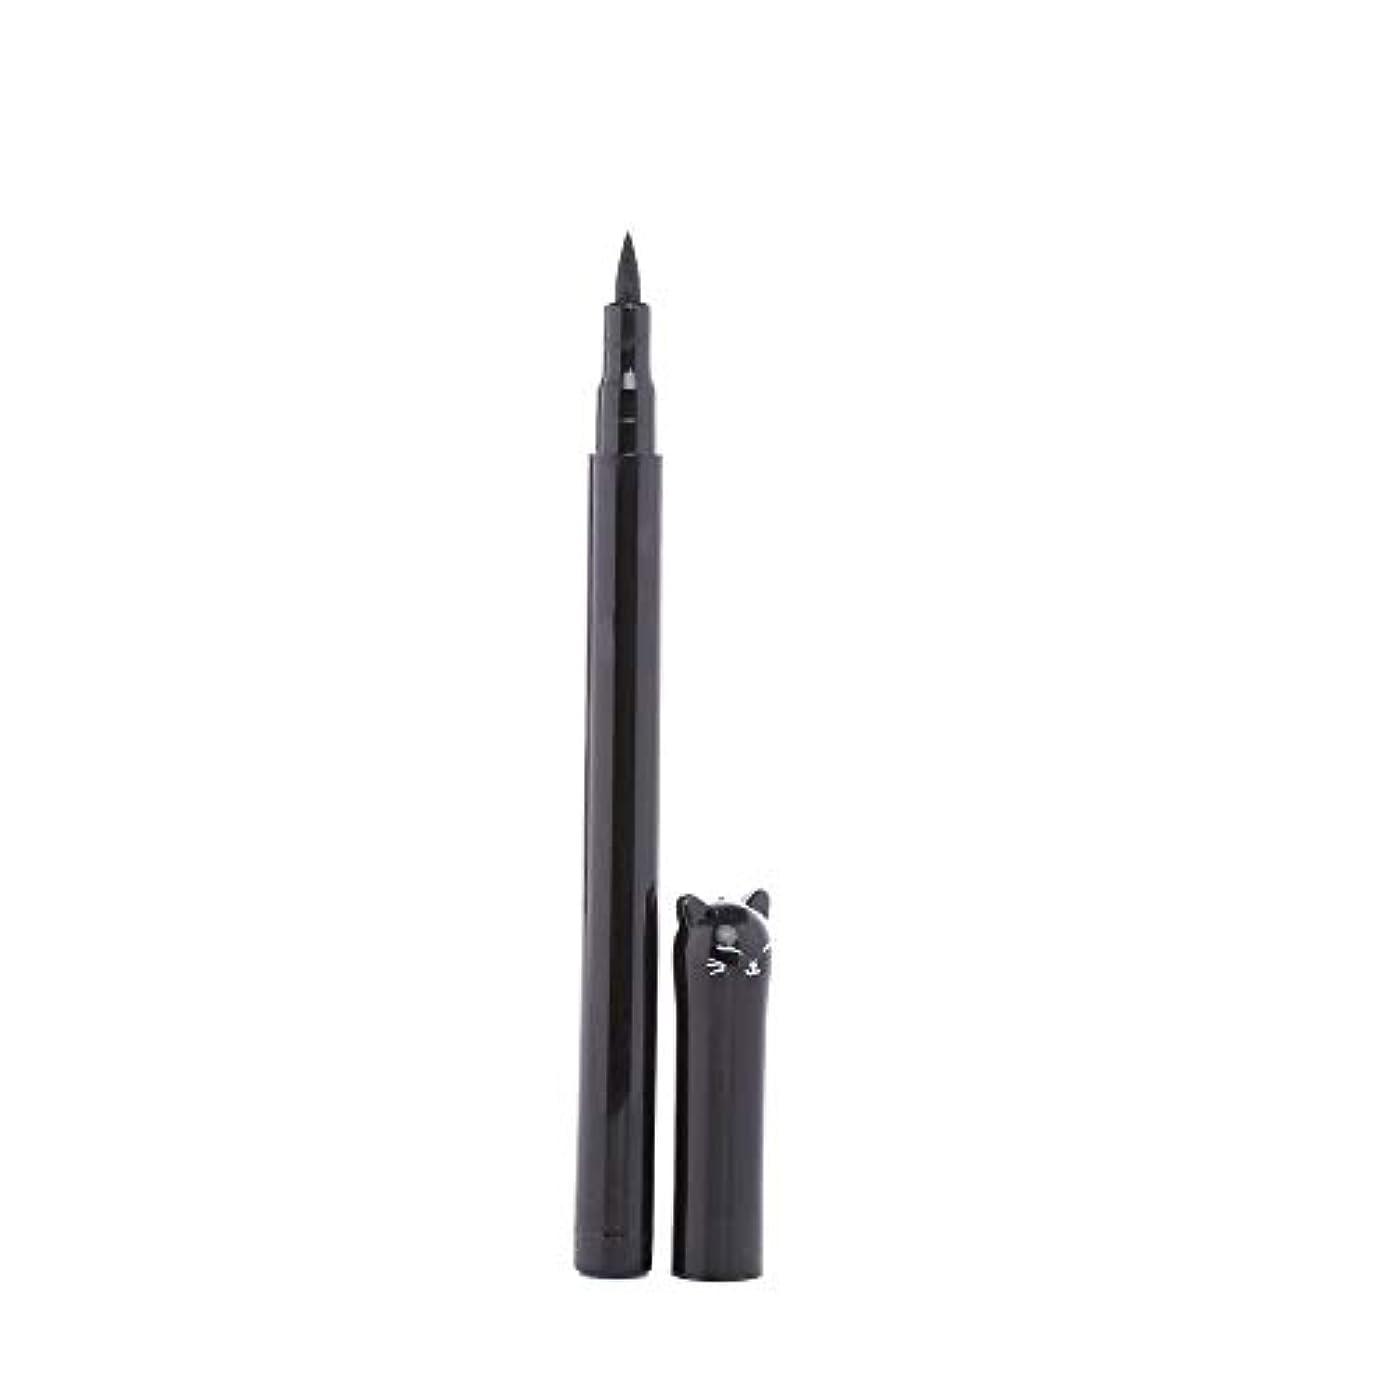 トリムラボ間Semperole - 1PC NEWビューティーキャットスタイルブラック長持ち防水リキッドアイライナーアイライナーペン鉛筆メイクアップ化粧品ツール